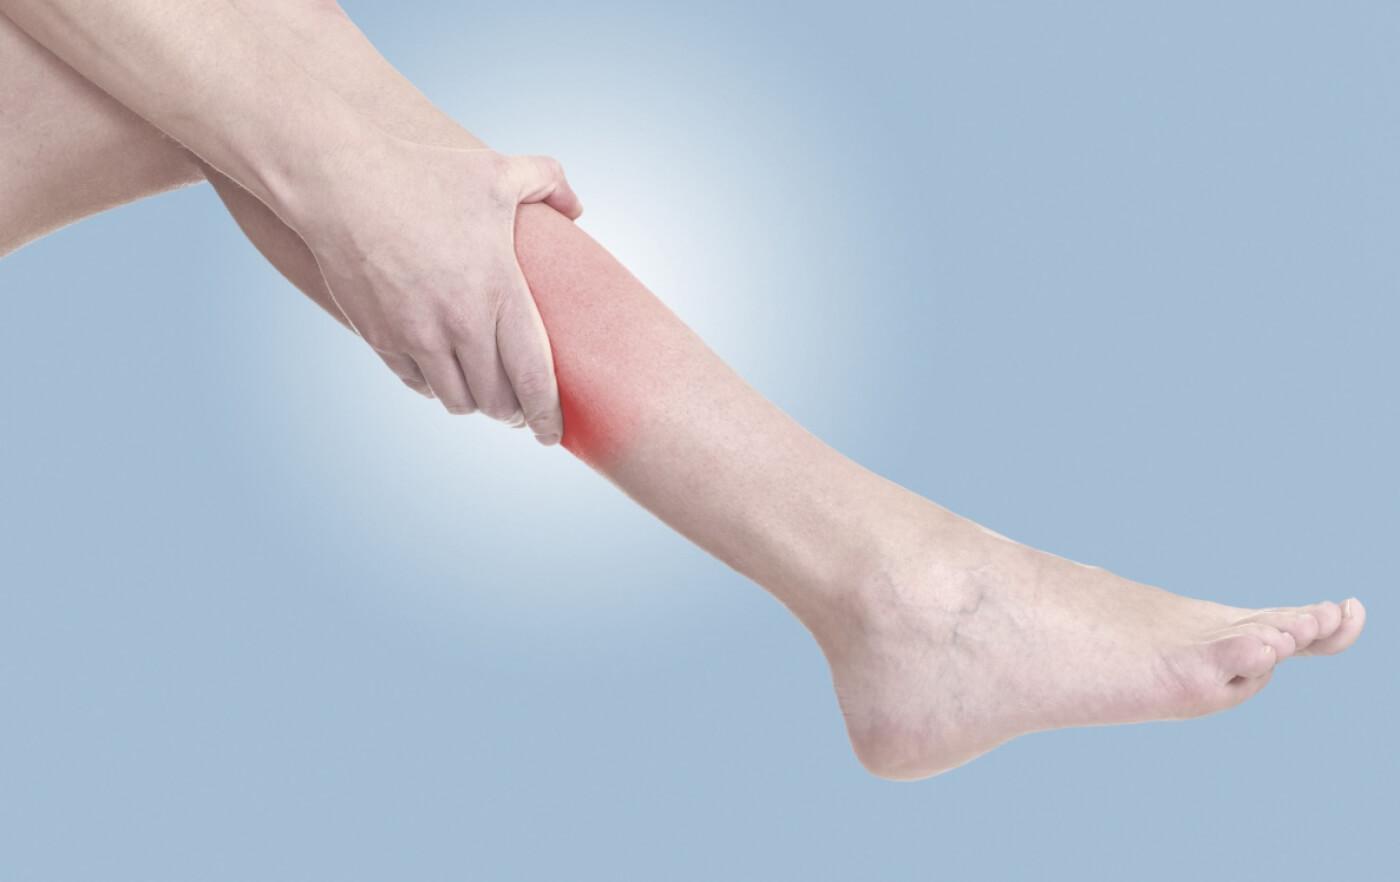 Резкая боль в голеностопном суставе, нога вышла из строя ложный сустав ключицы у детей когда лучше оперировать